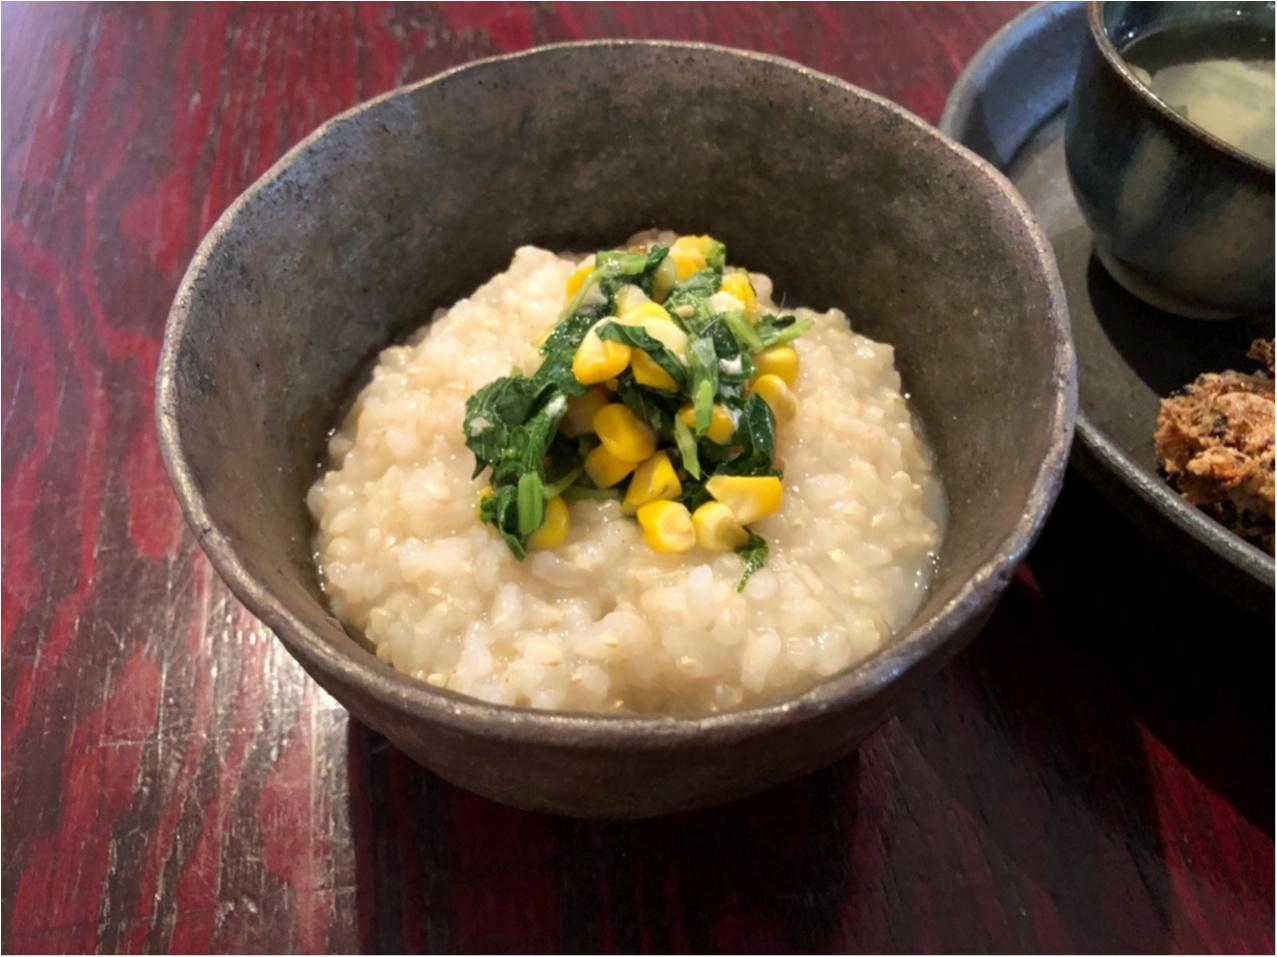 【 朝食 】体に優しくて美味しい♡ おかゆモーニングで体も心もほっこり♡♡_4